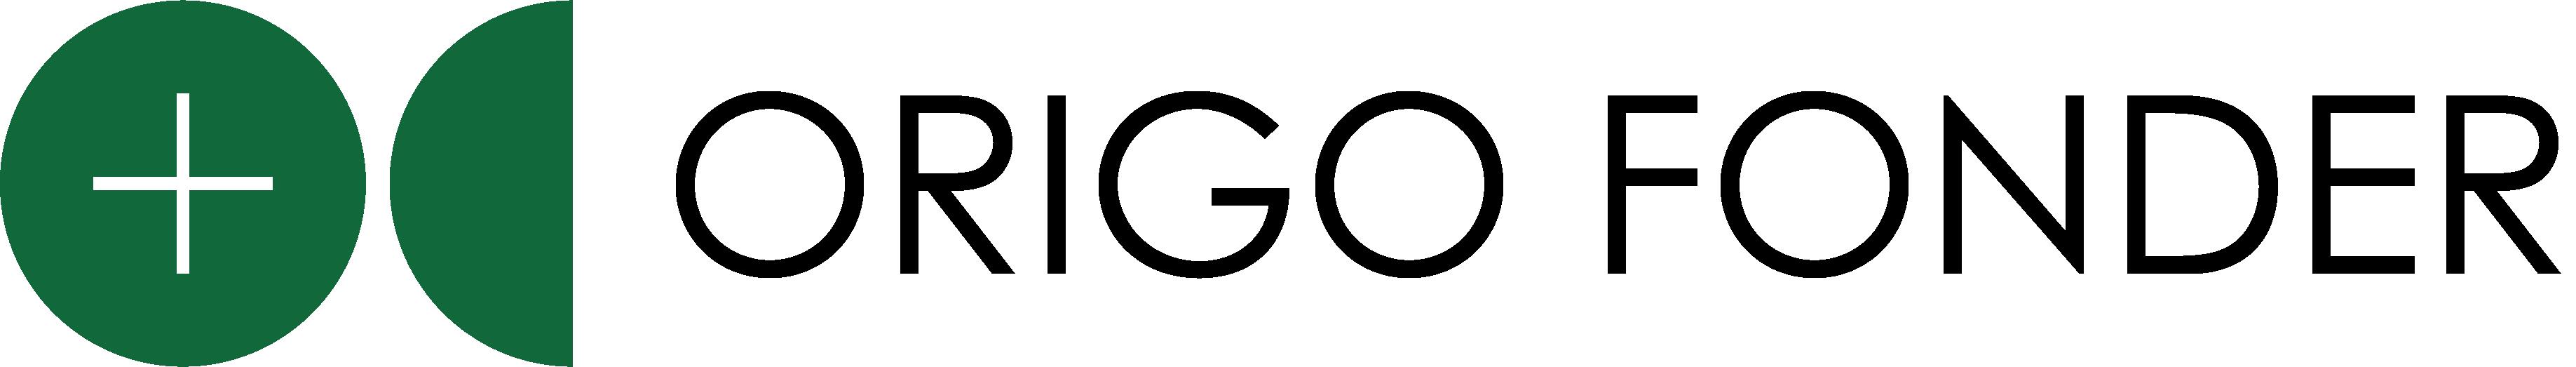 origo-fonder-logo-wide-black